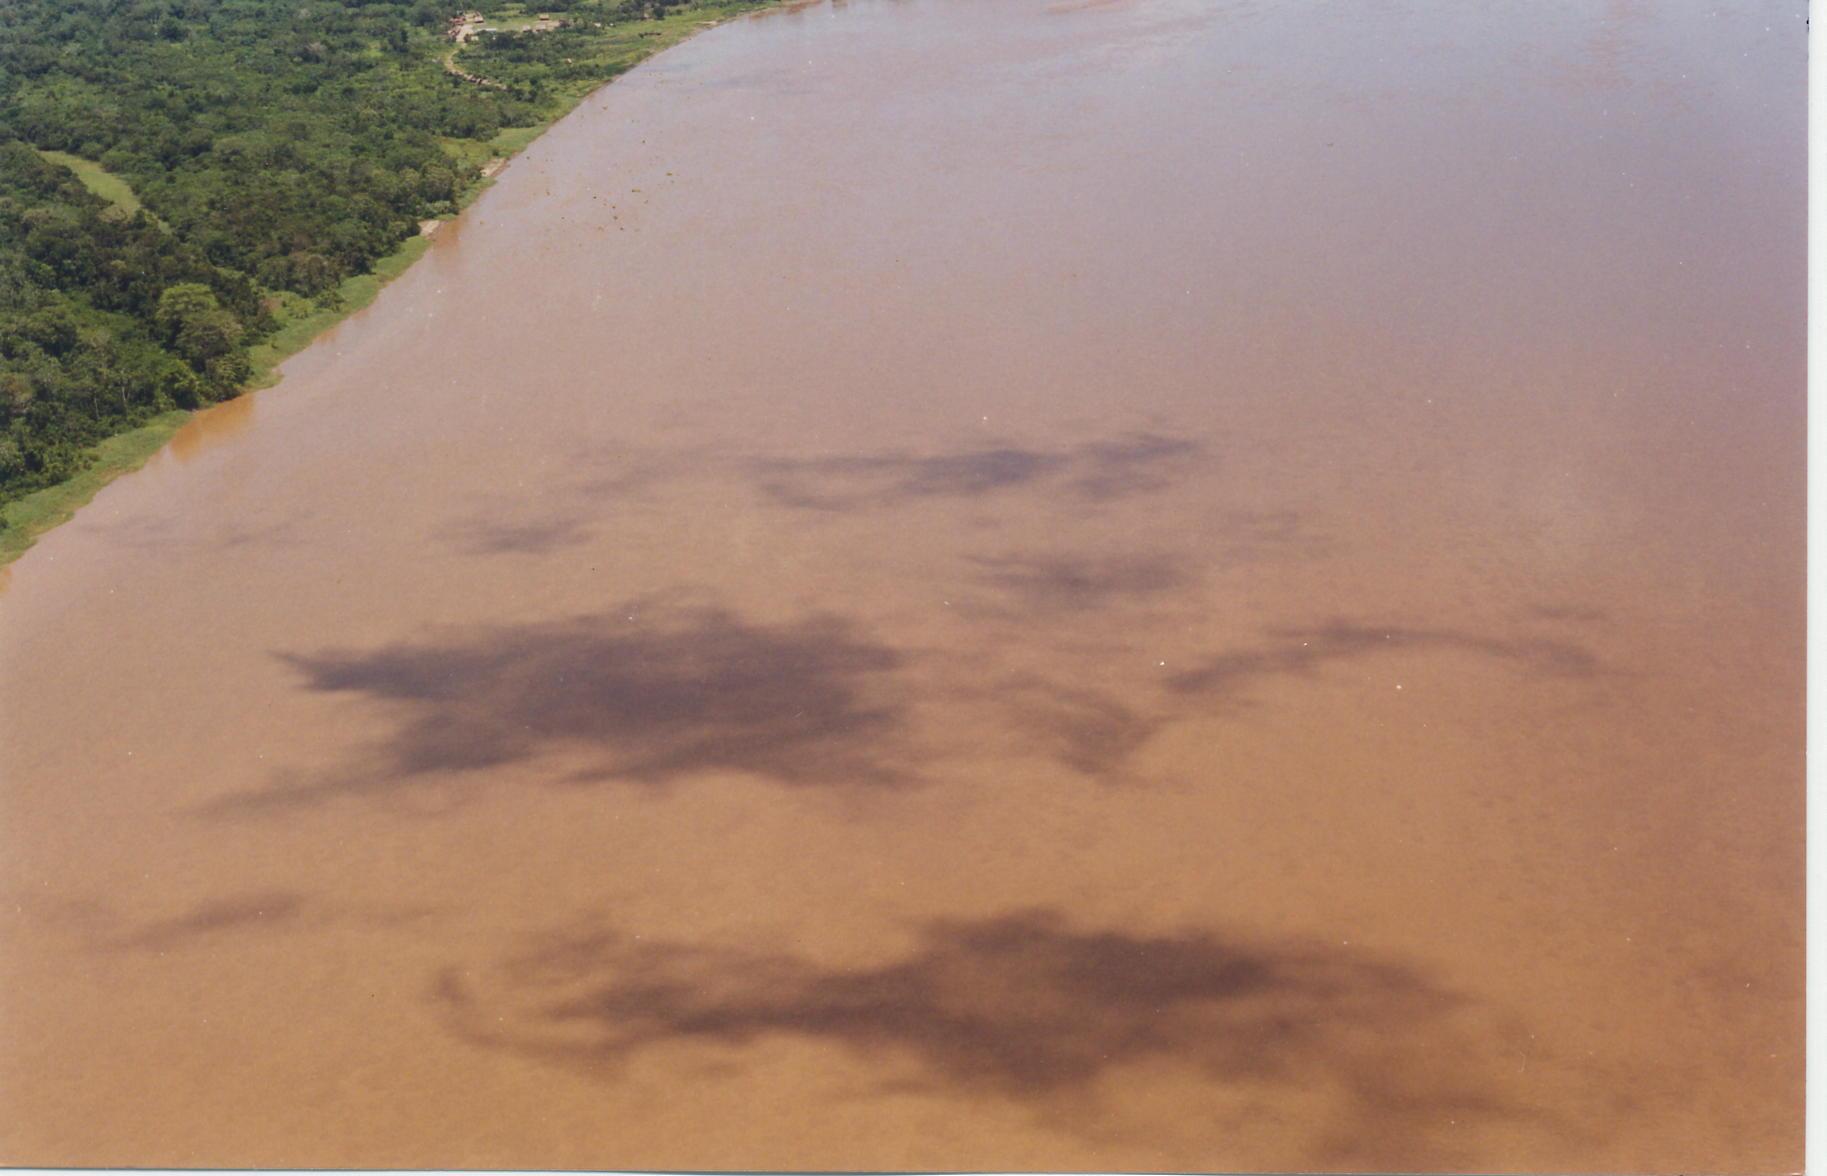 Cuenca el Marañón. Vista aérea del derrame el 2000, lo que originó un derrame de 5000 barriles de petróleo, responsabilidad de Pluspetrol. La gran mancha negra avanzó por el río.